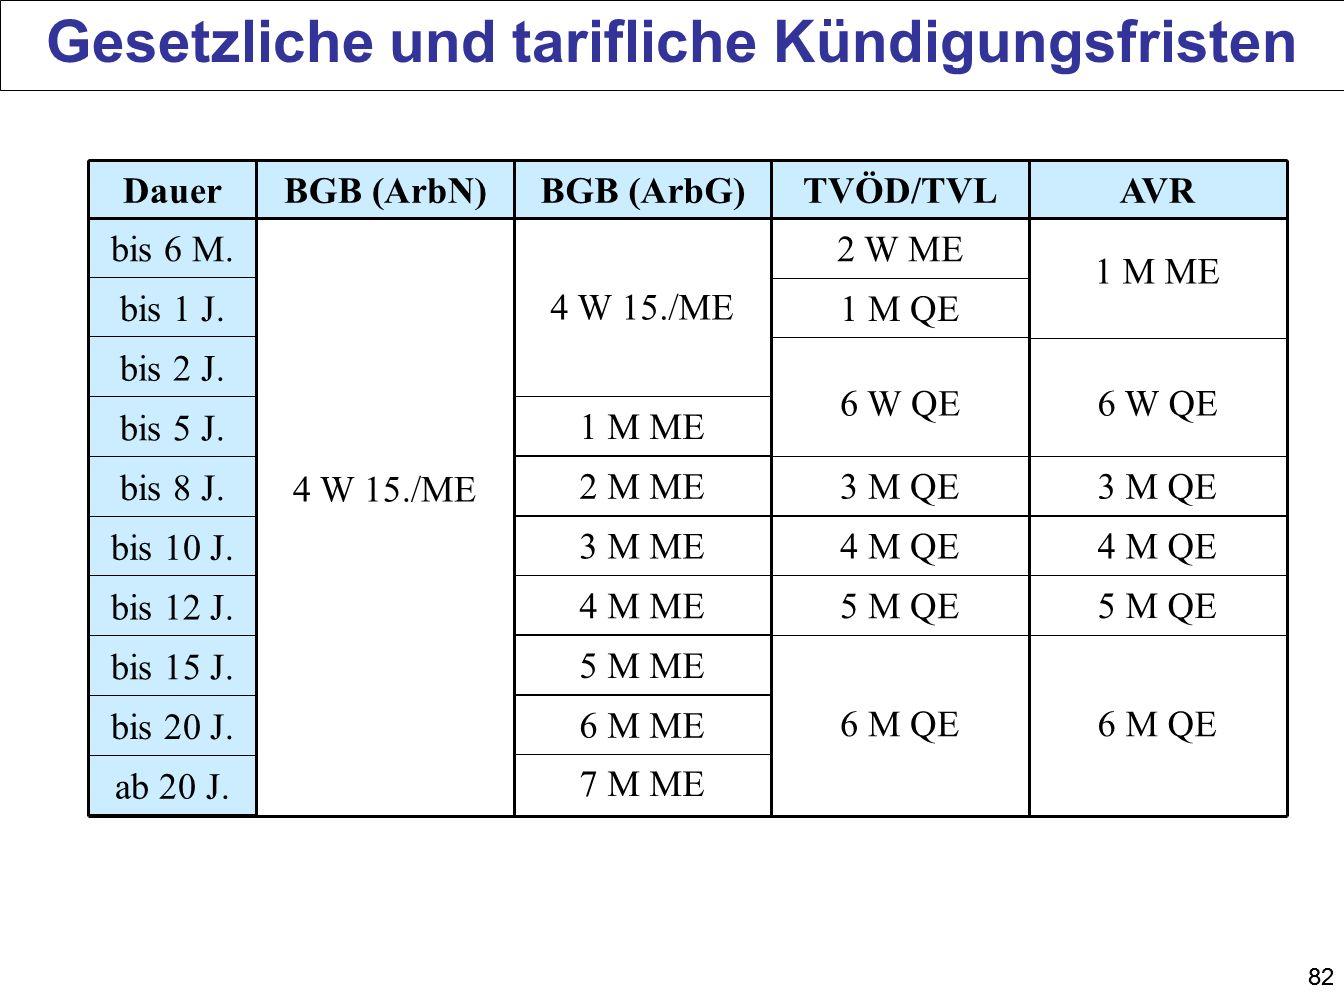 Gesetzliche und tarifliche Kündigungsfristen